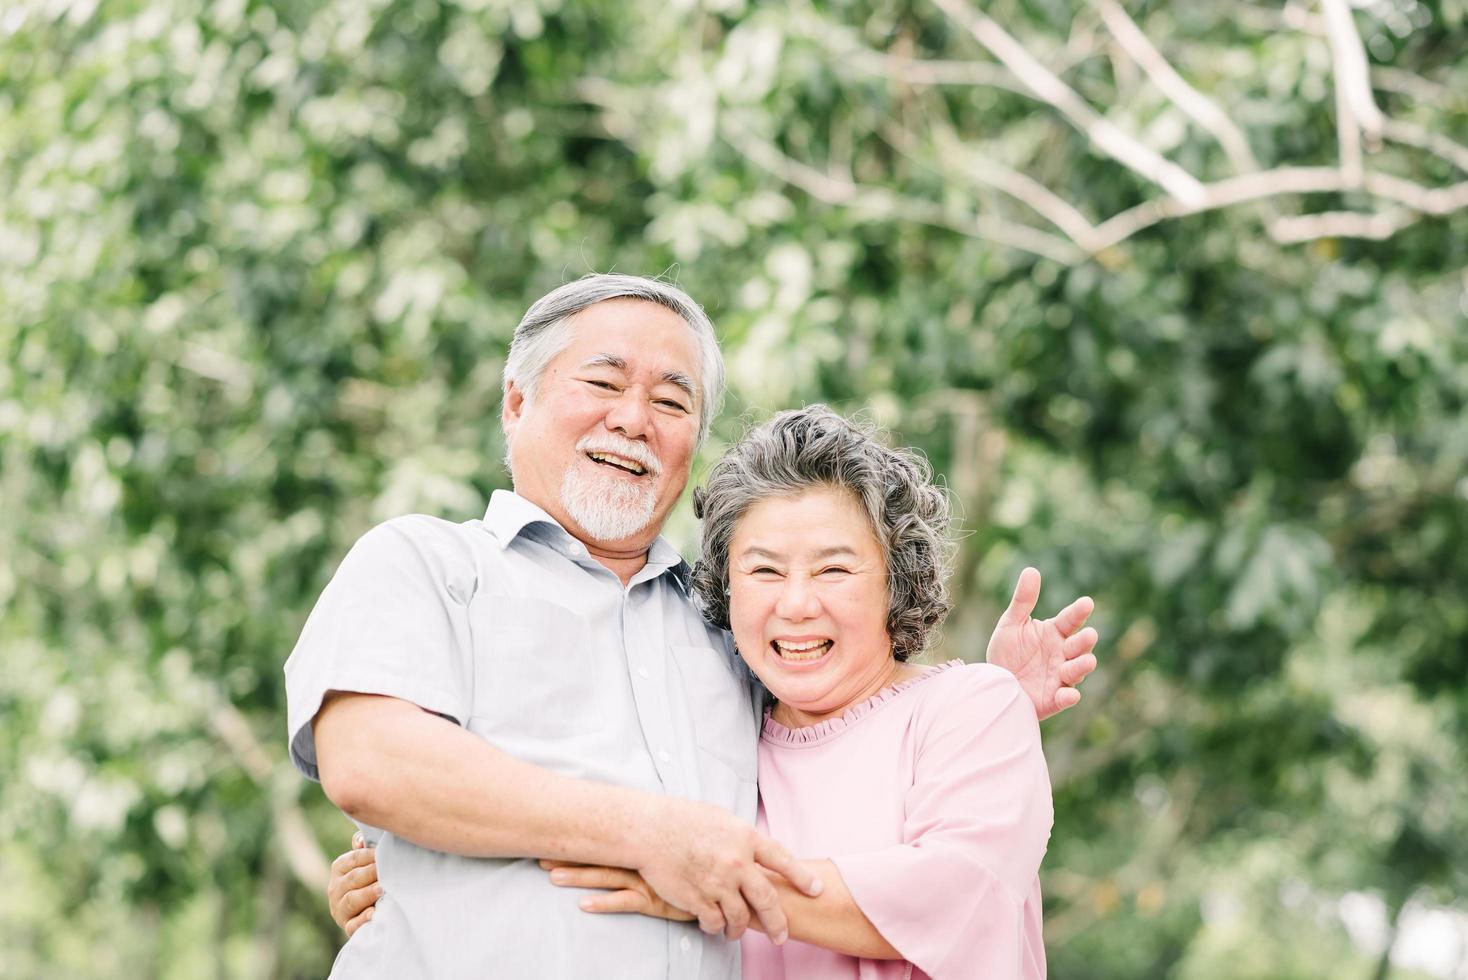 pareja senior abrazando afuera foto